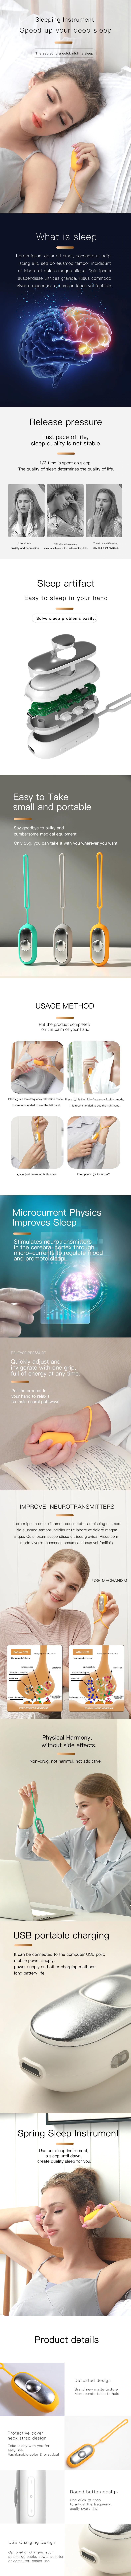 ابزار کاهش استرس، اضطراب، استرس و گرم کننده دست مخصوص خواب